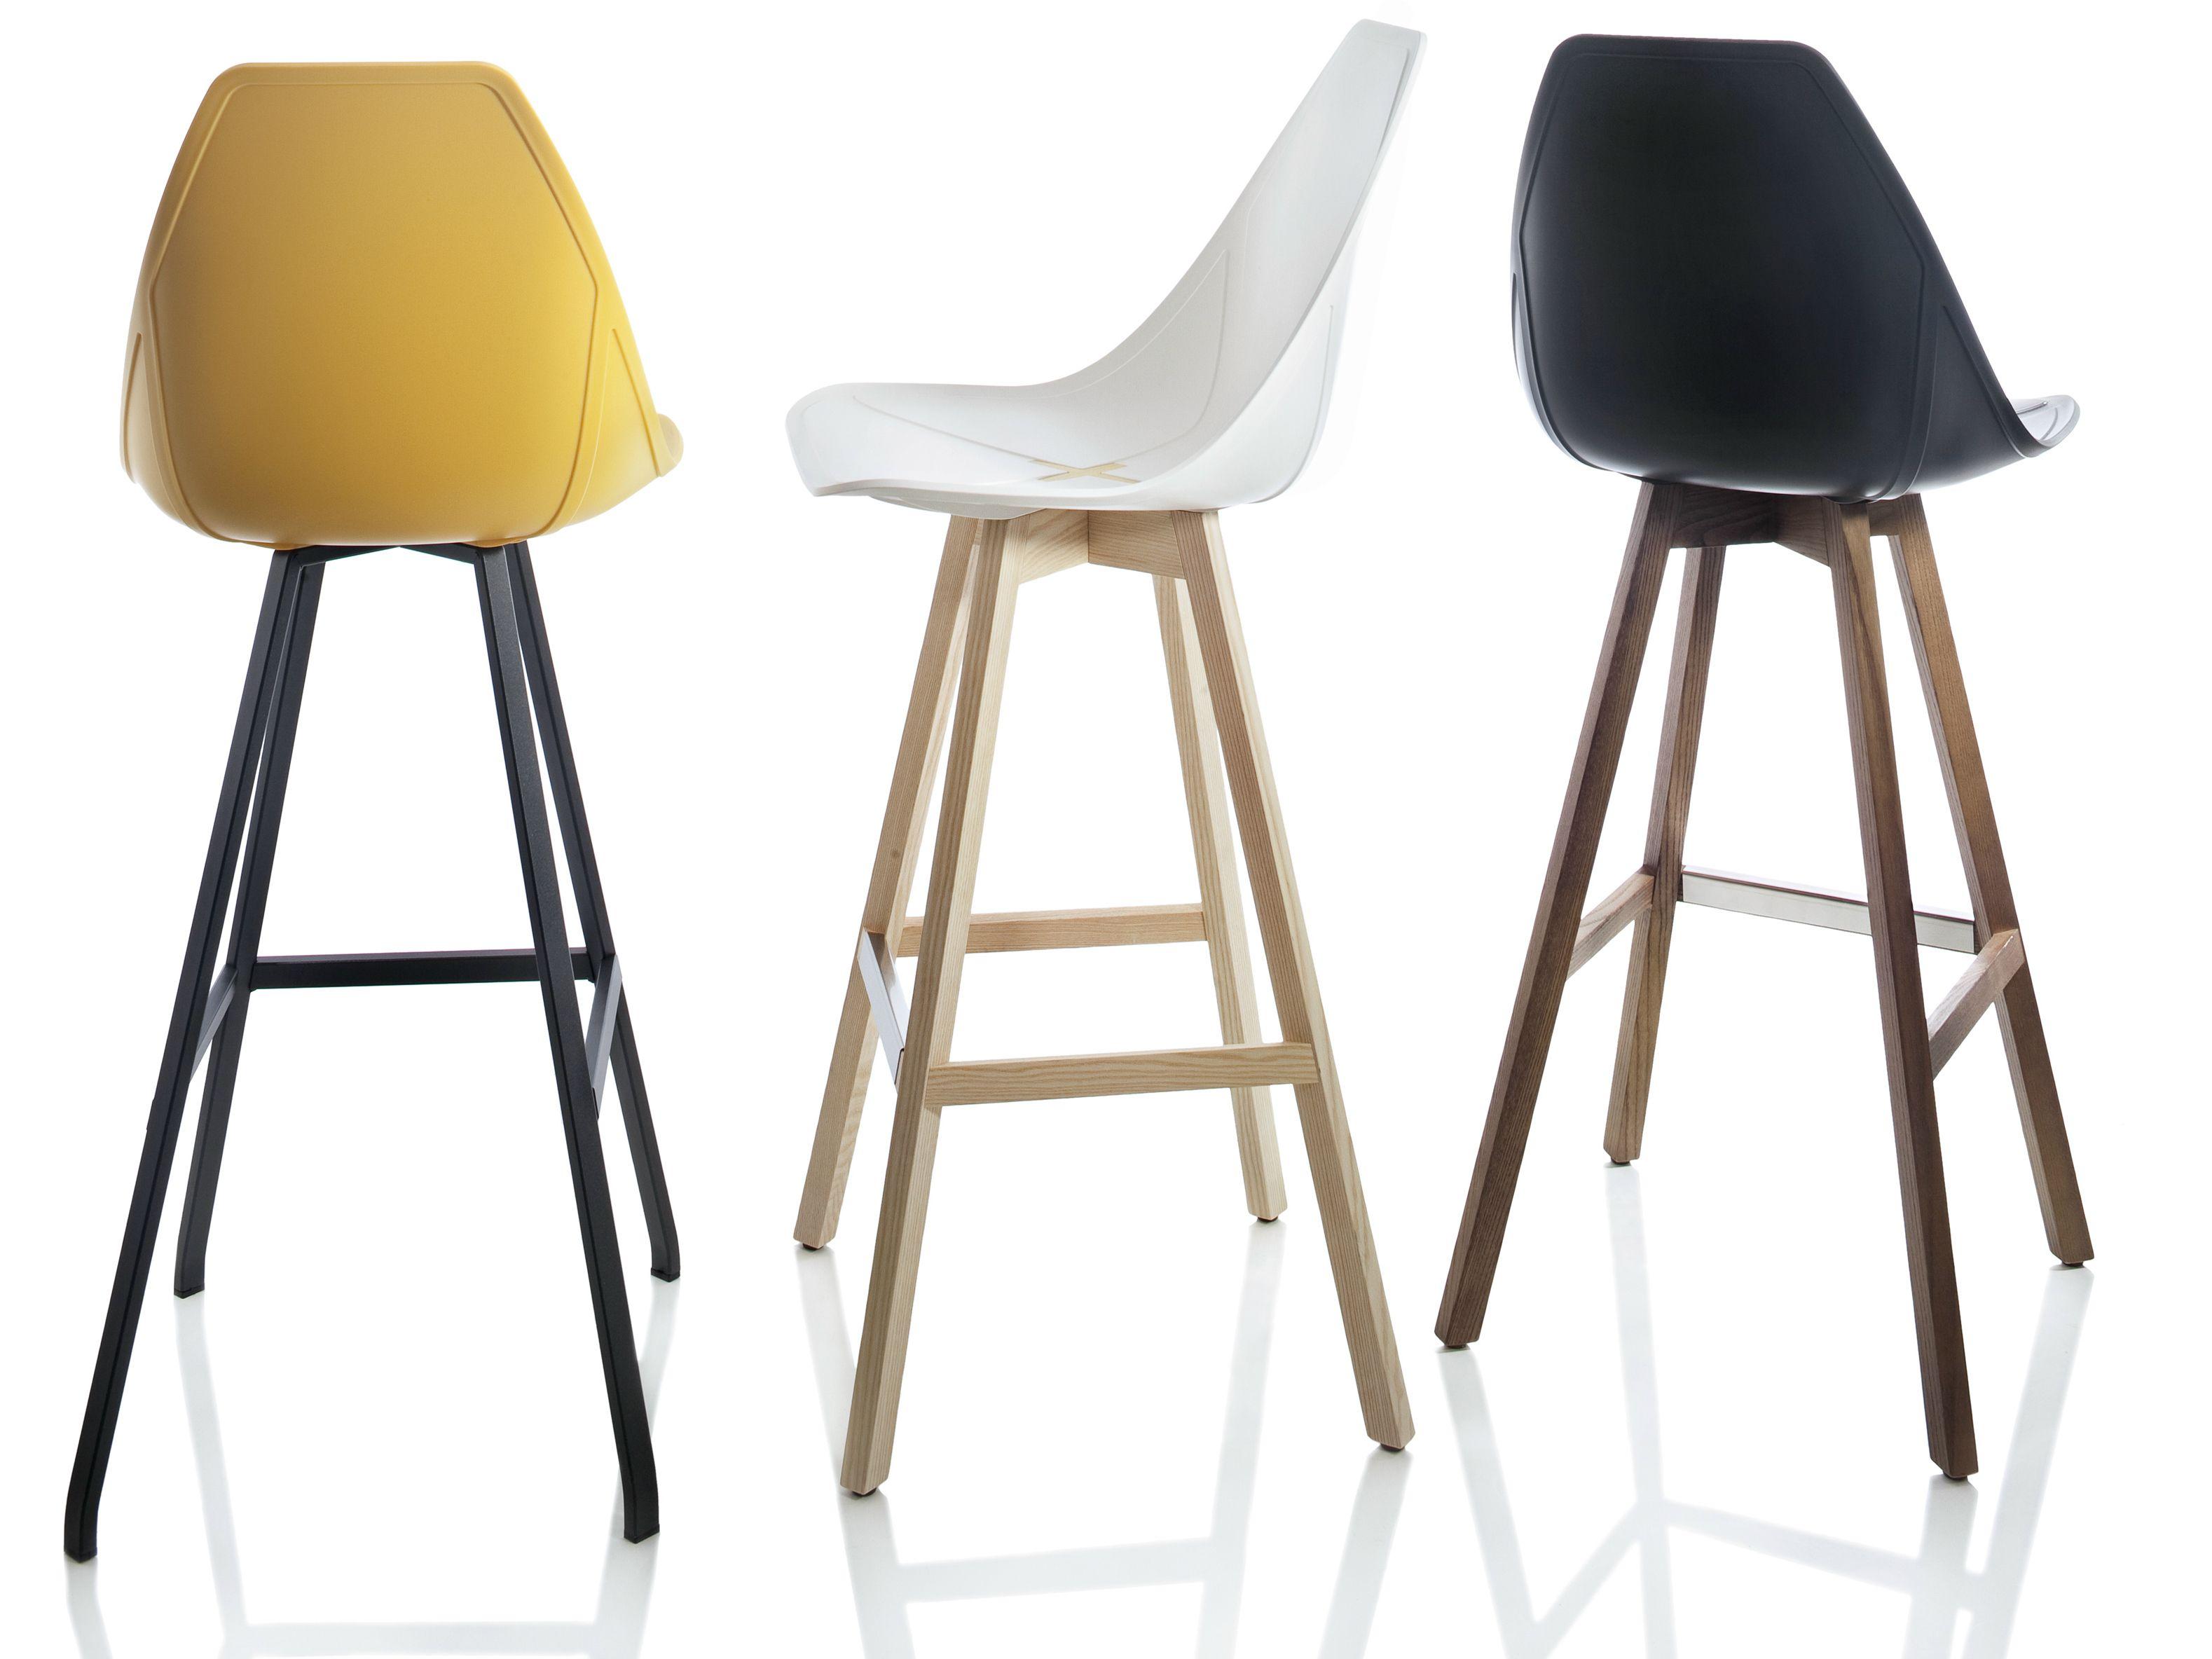 X stool tabouret taburetes pinterest sgabelli